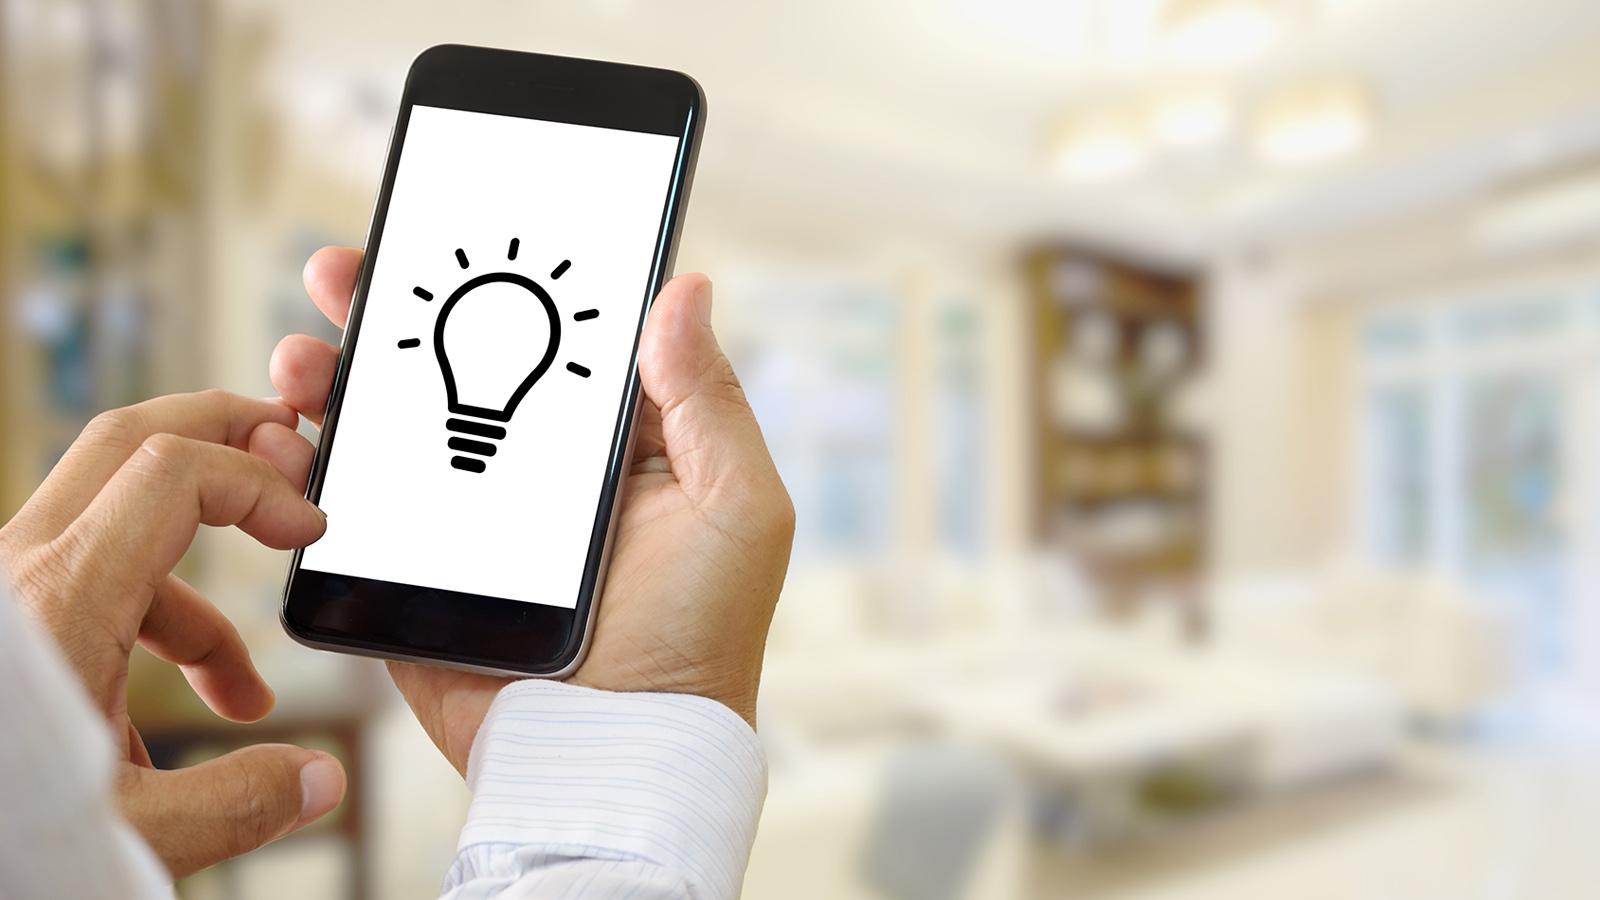 Accensione Lampadario Con Telecomando come funzionano i sistemi di illuminazione intelligente?